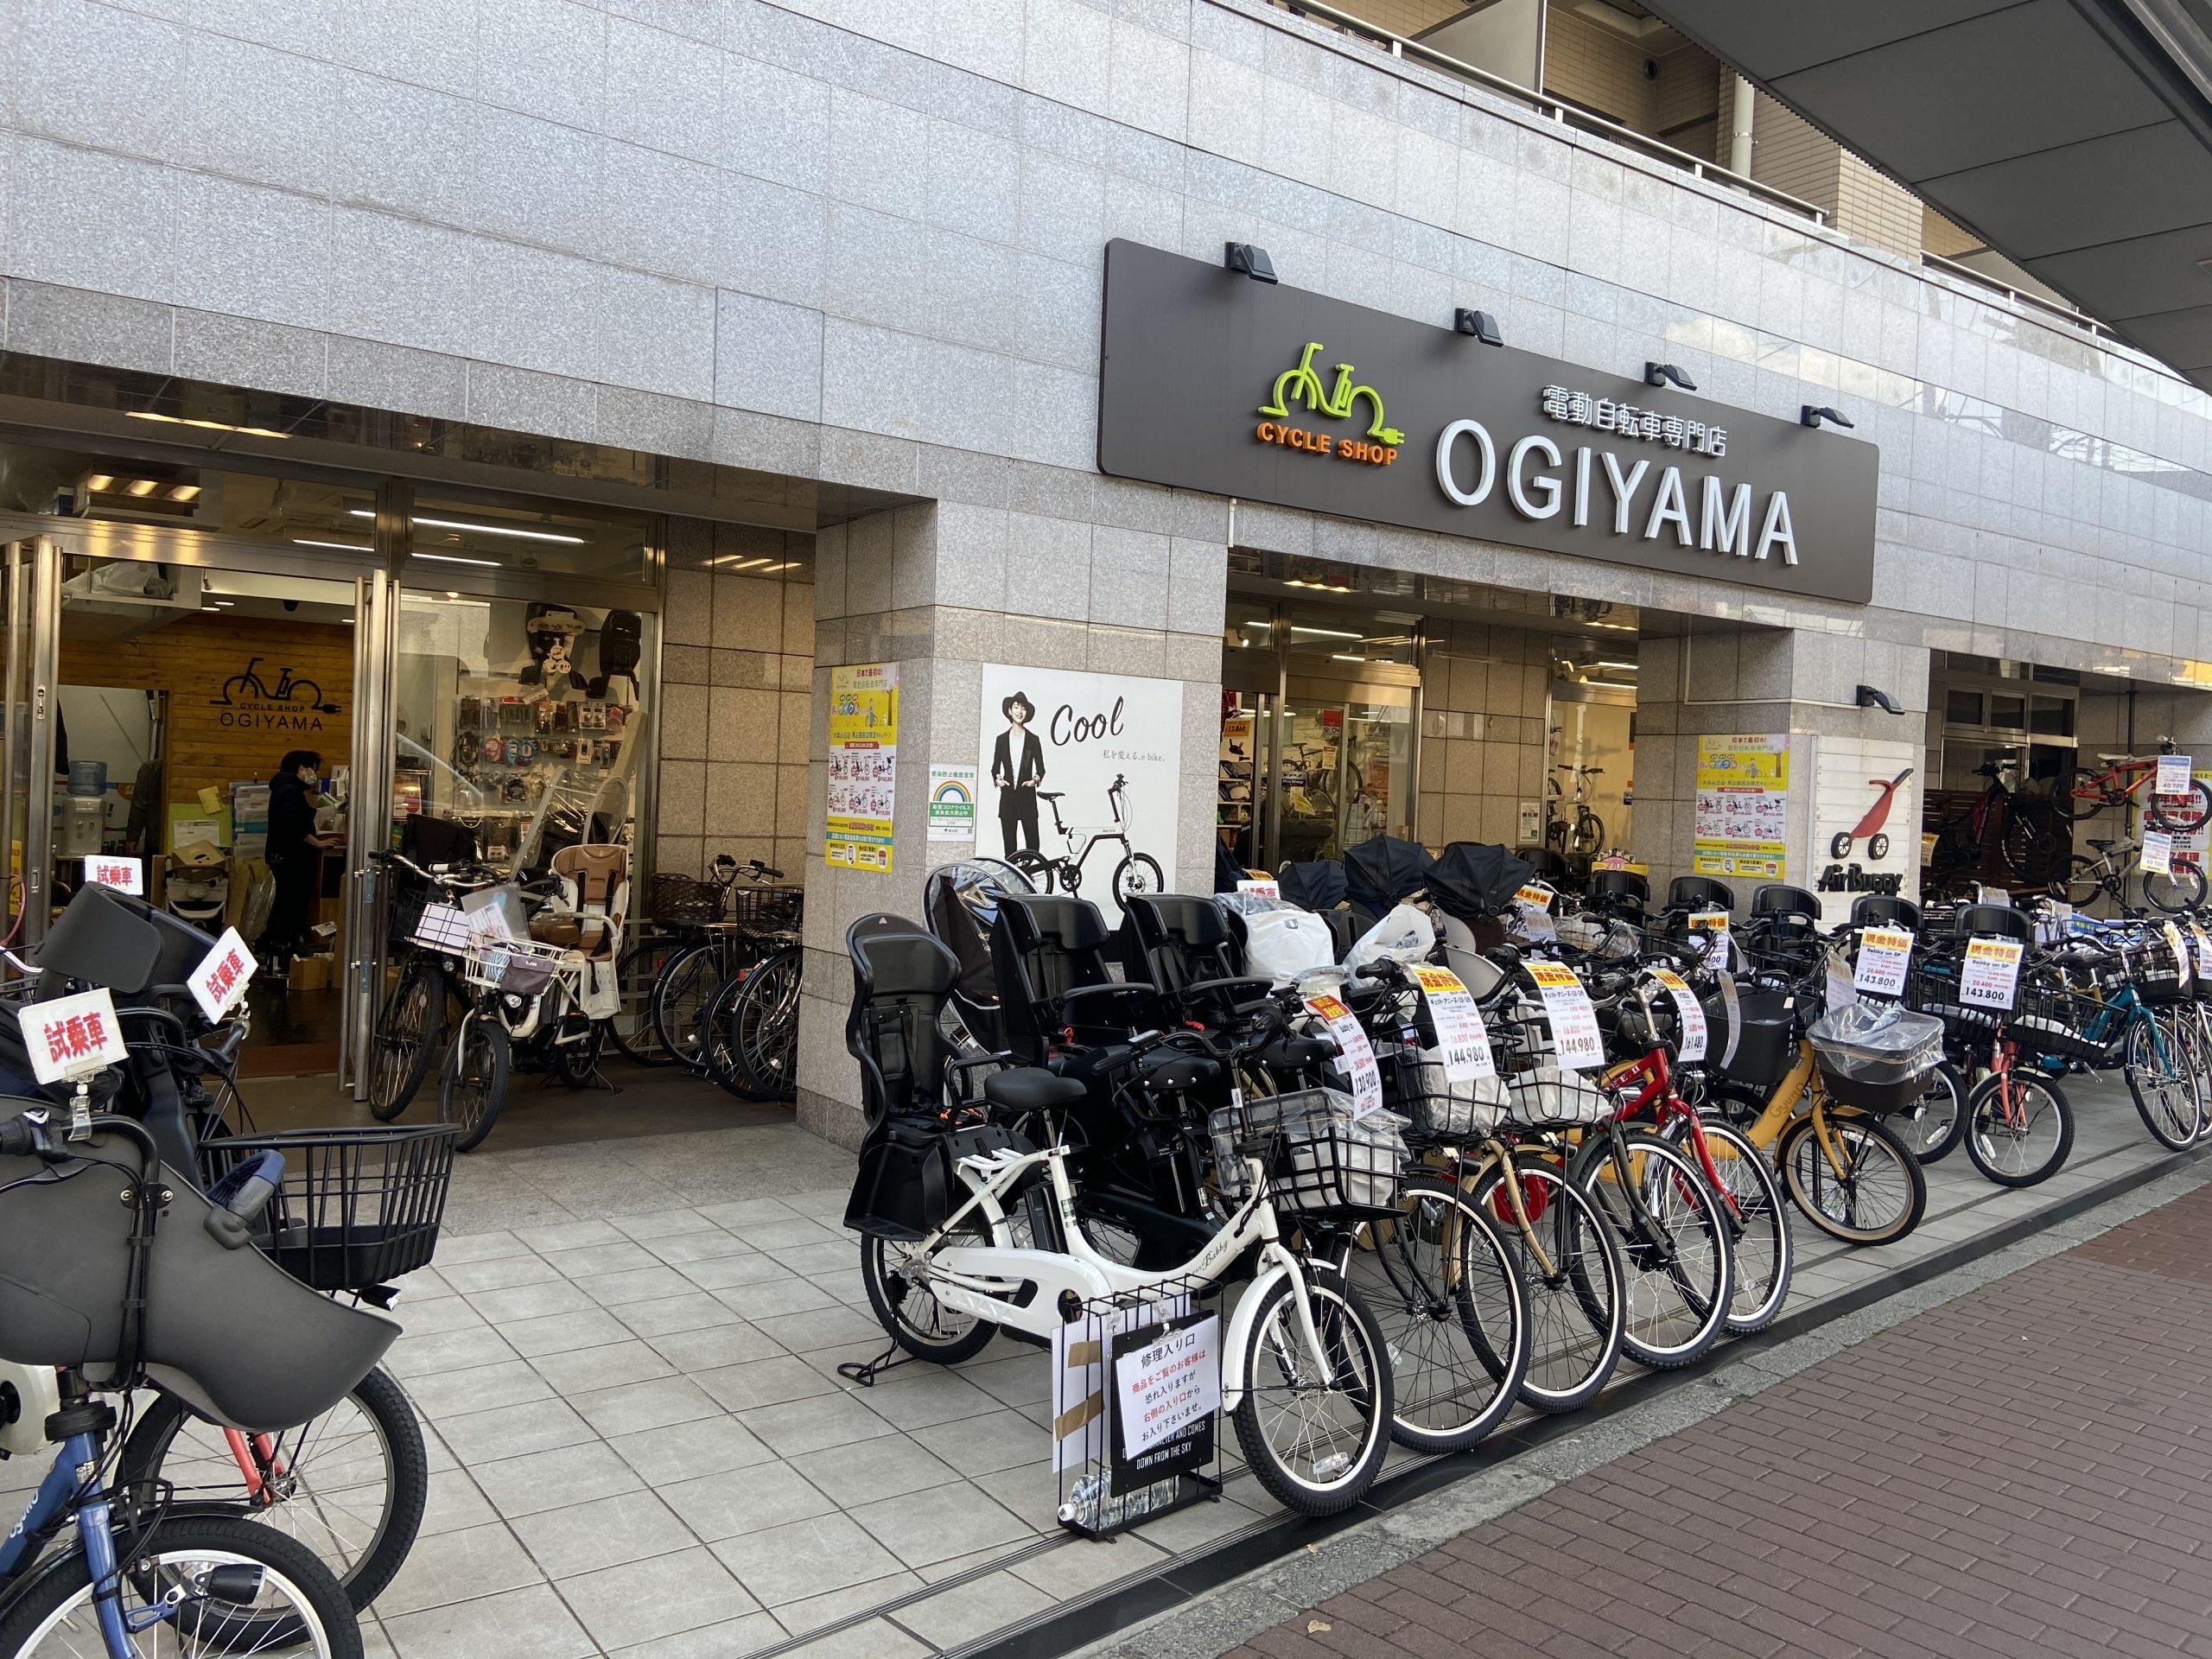 サイクルショップオギヤマはGWも休まず営業中!